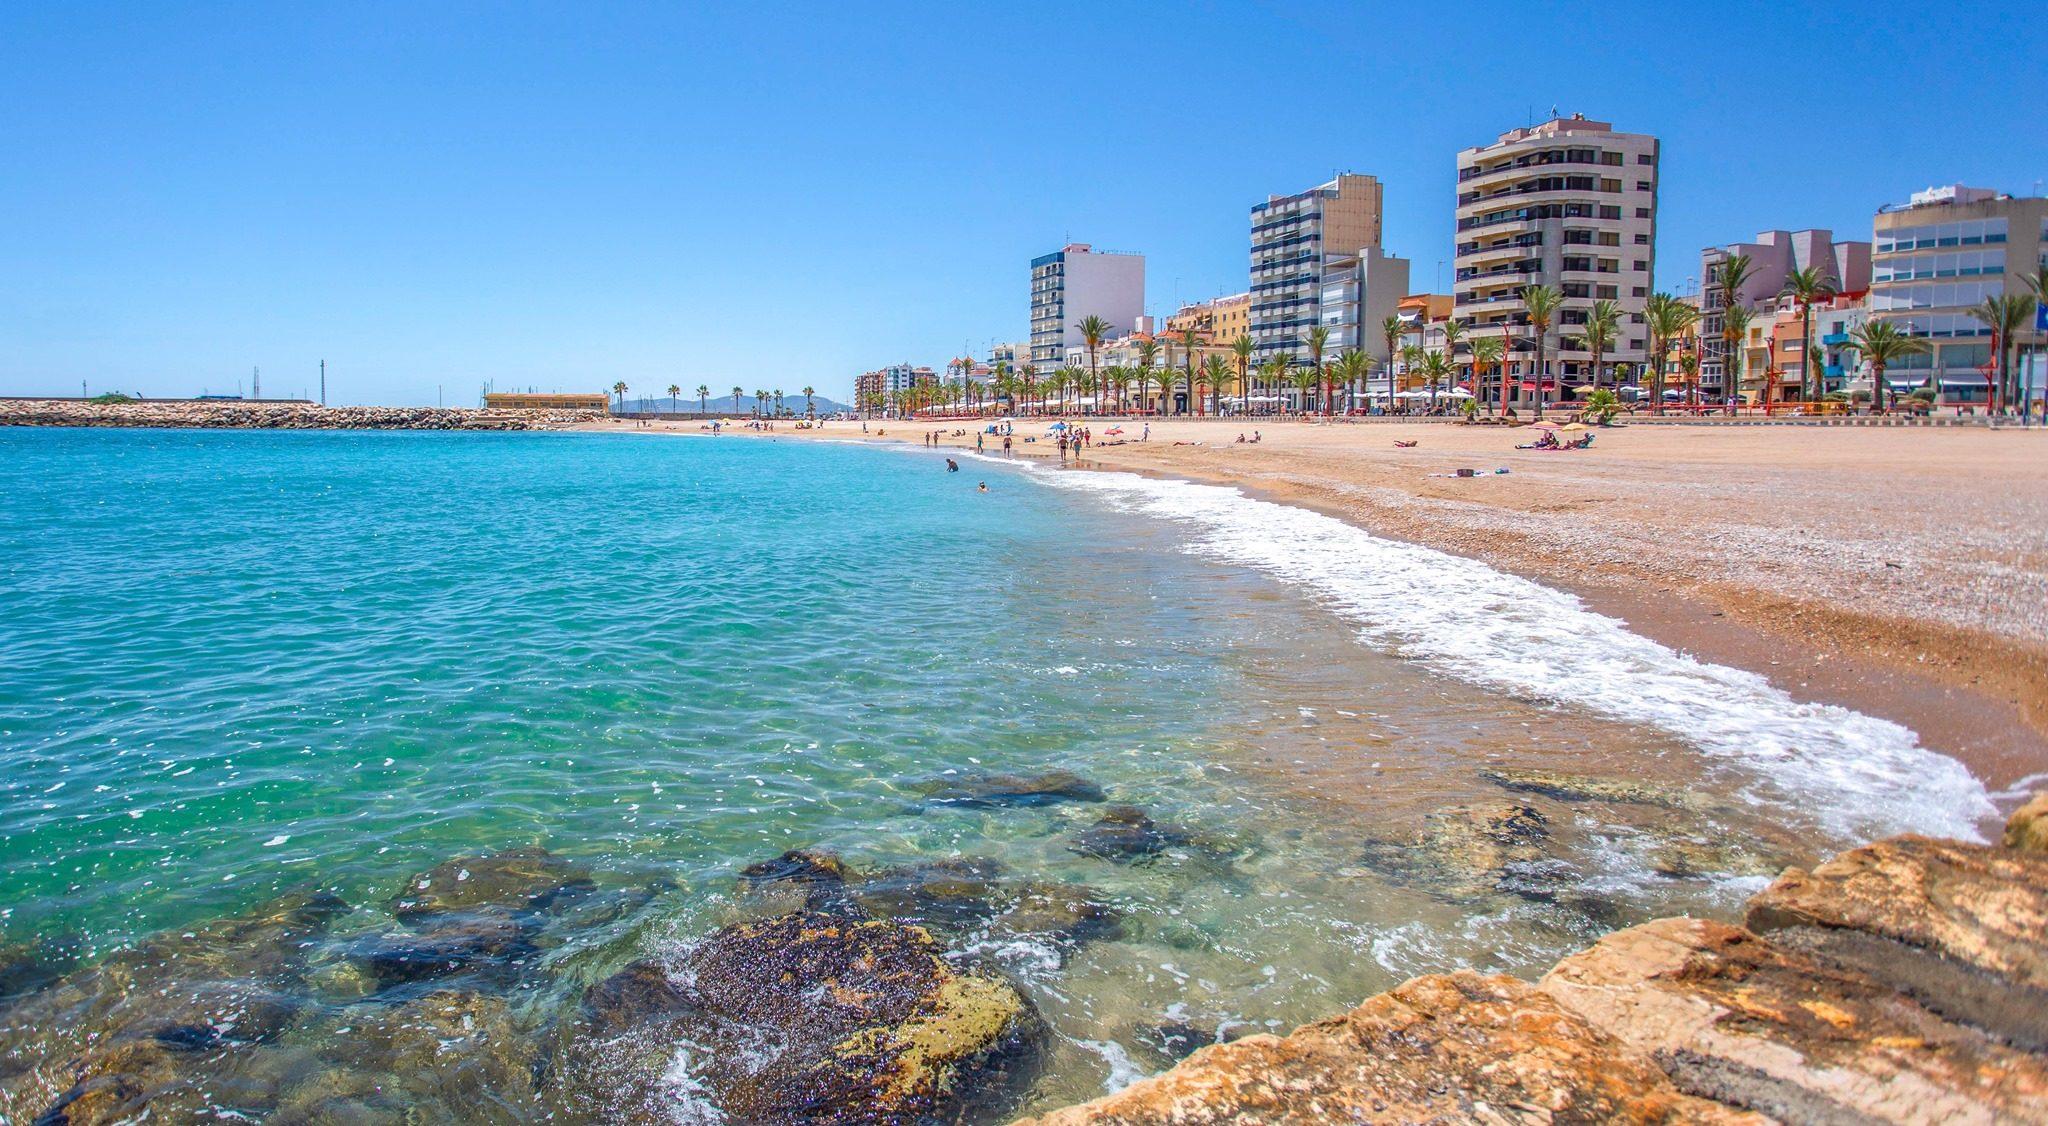 Turisme declara la 'Fira i Festes de Sant Joan i Sant Pere' de Vinaròs com a Festa d'Interés Turístic Provincial